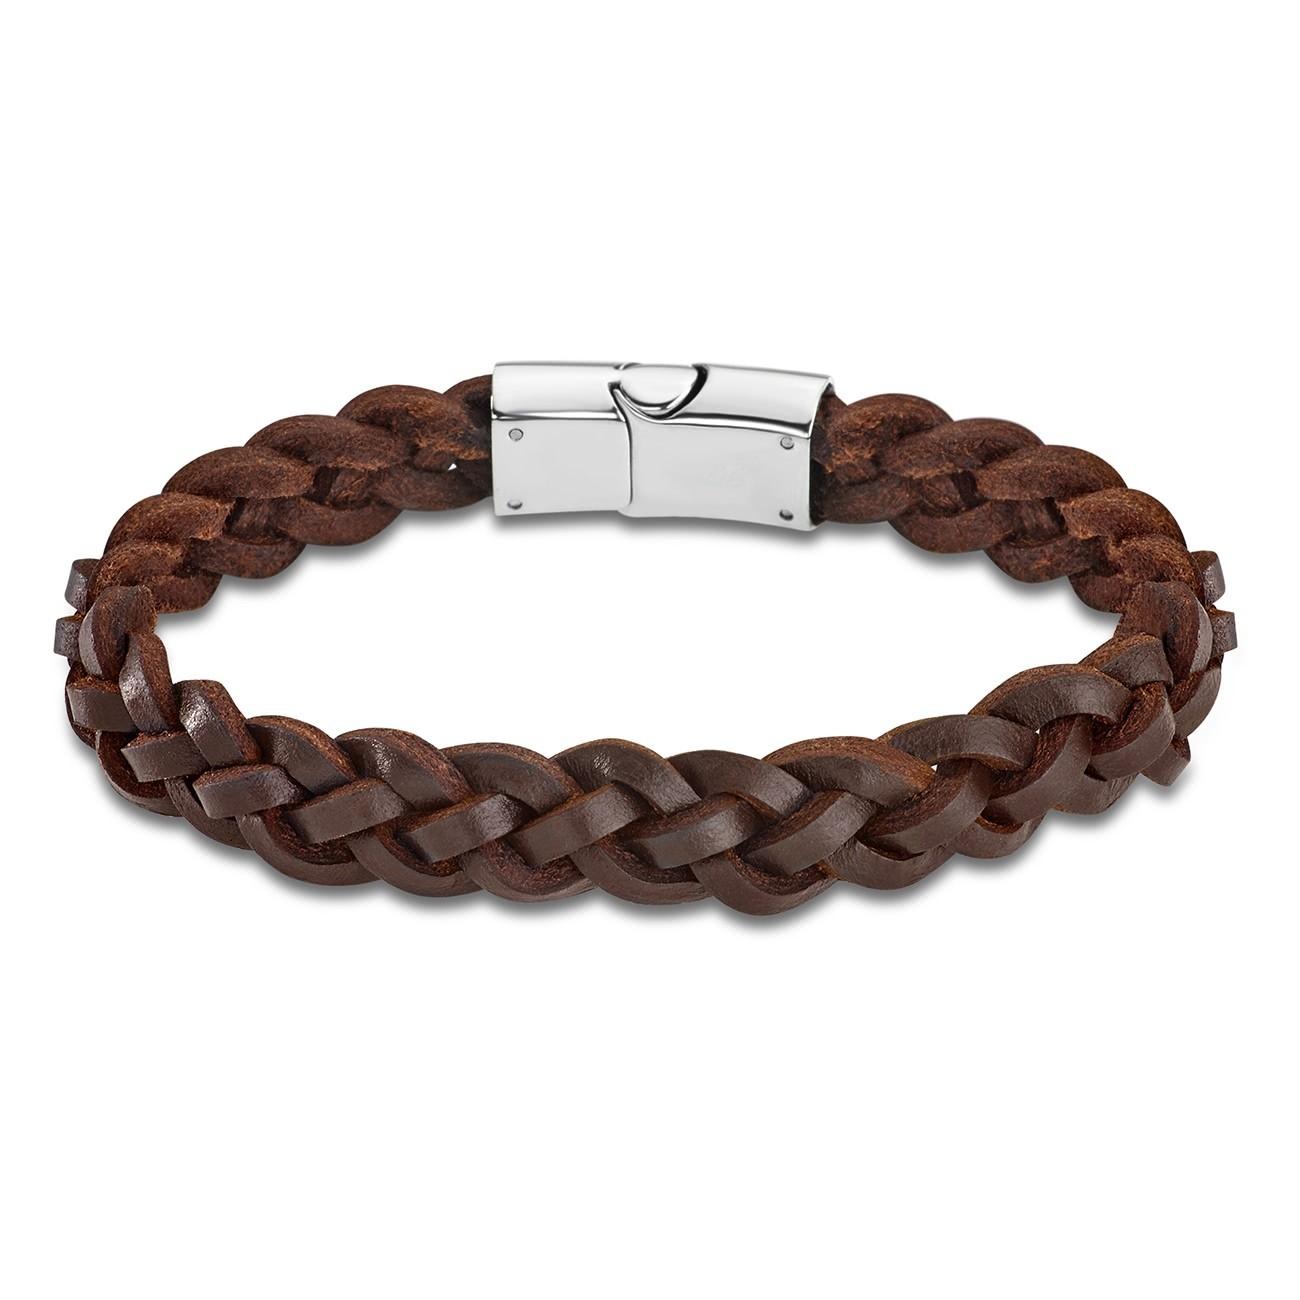 LOTUS Style Armband Herren LS1811-2/1 Leder silber braun JLS1811-2-1